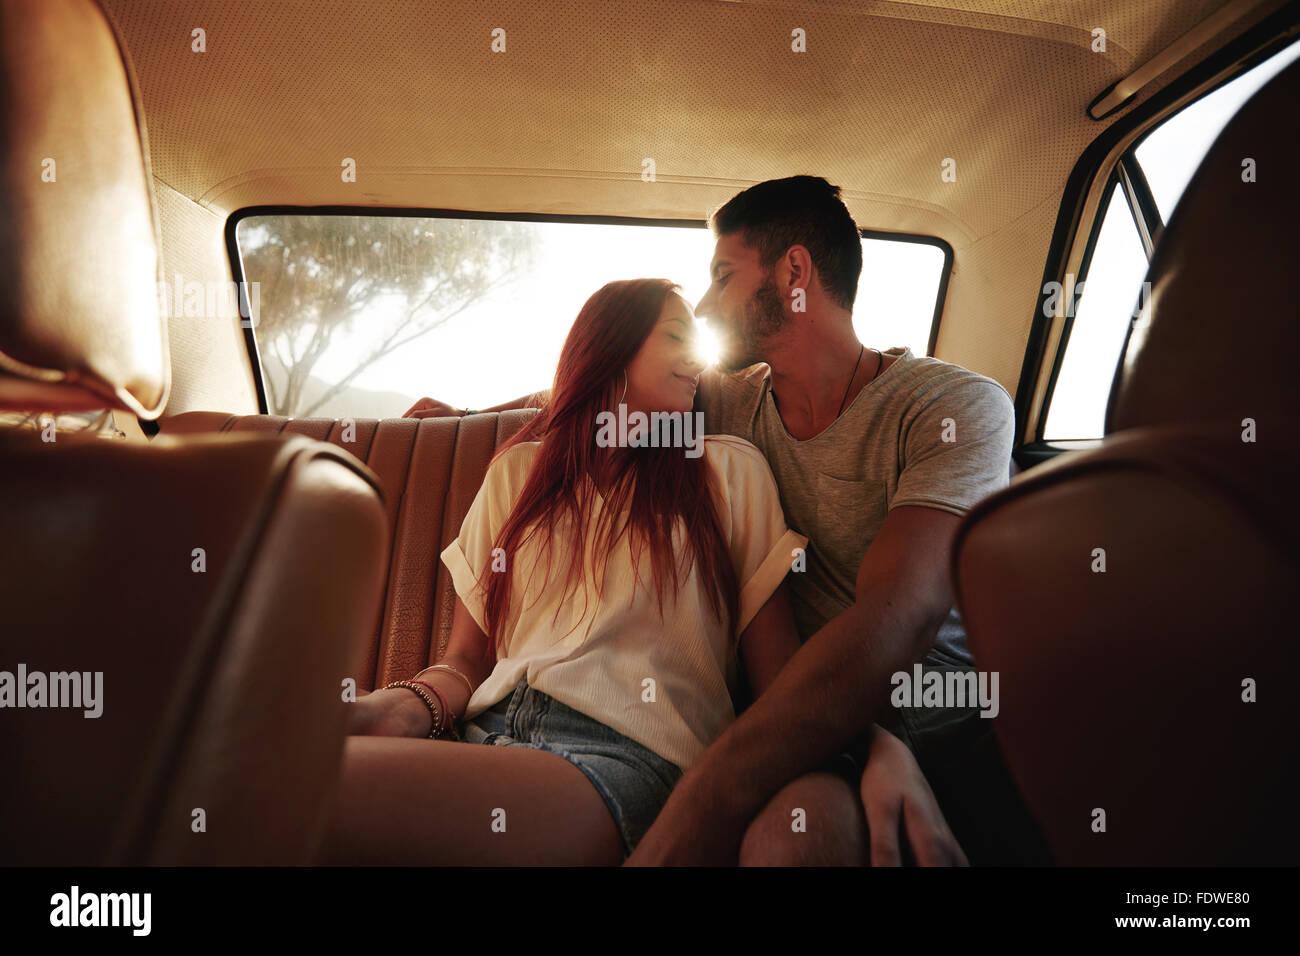 Affettuosa coppia giovane seduto nel sedile posteriore di un auto. Giovane uomo e donna nel sedile posteriore di Immagini Stock